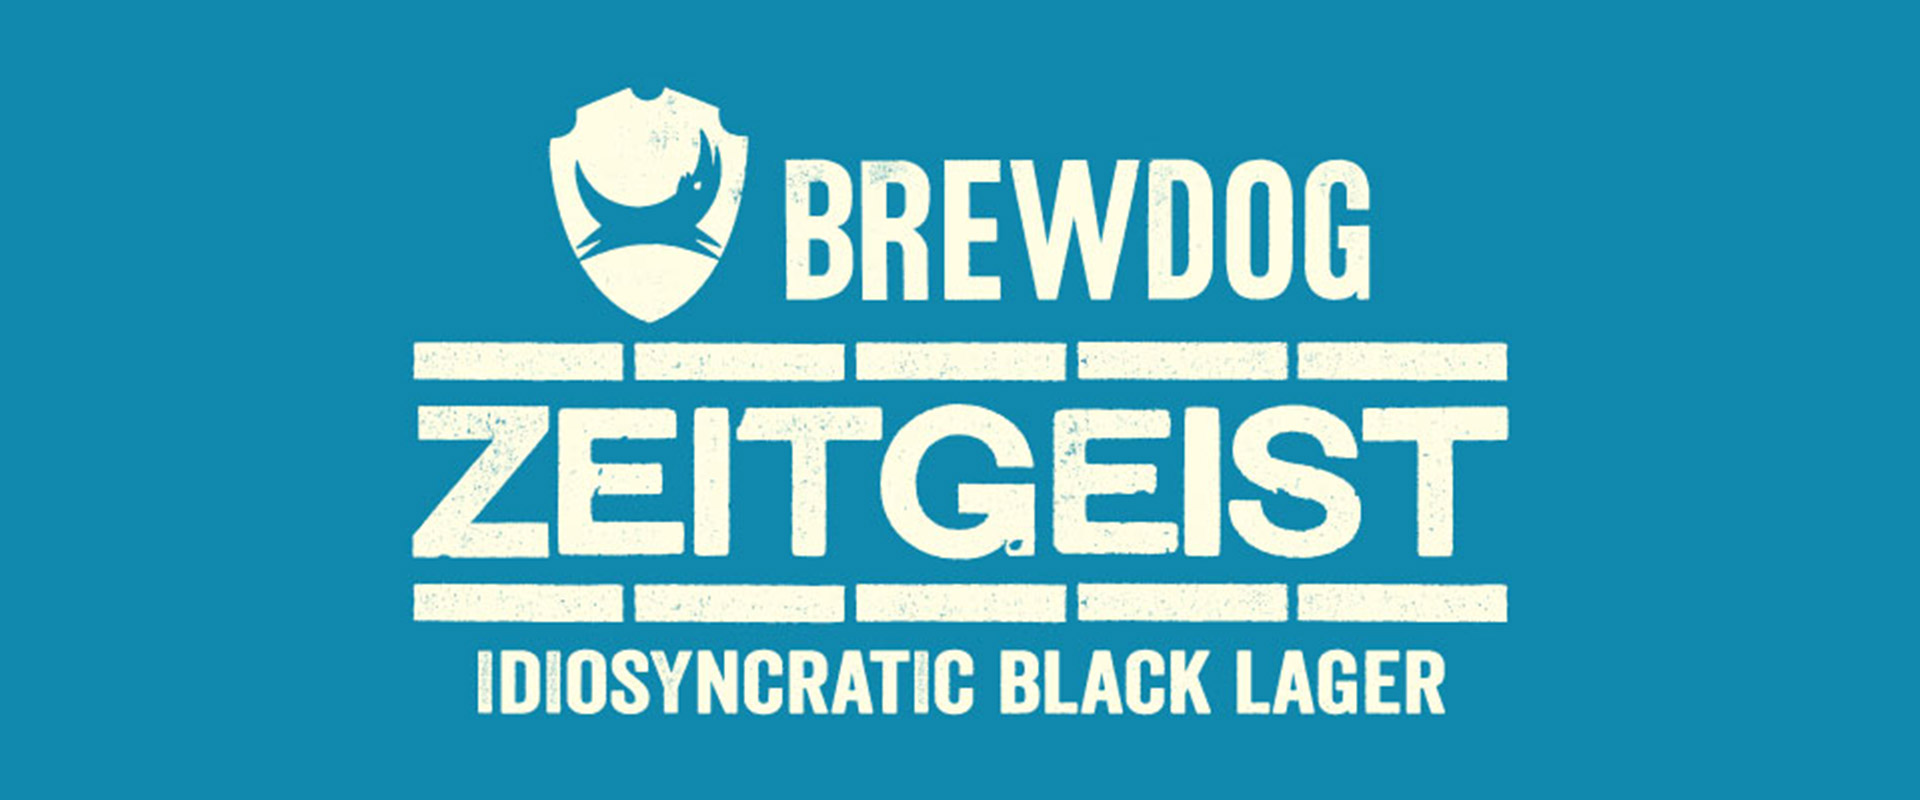 BIRRIFICIO BREWDOG: ZEITGEIST, BLACK LAGER PER TUTTI!